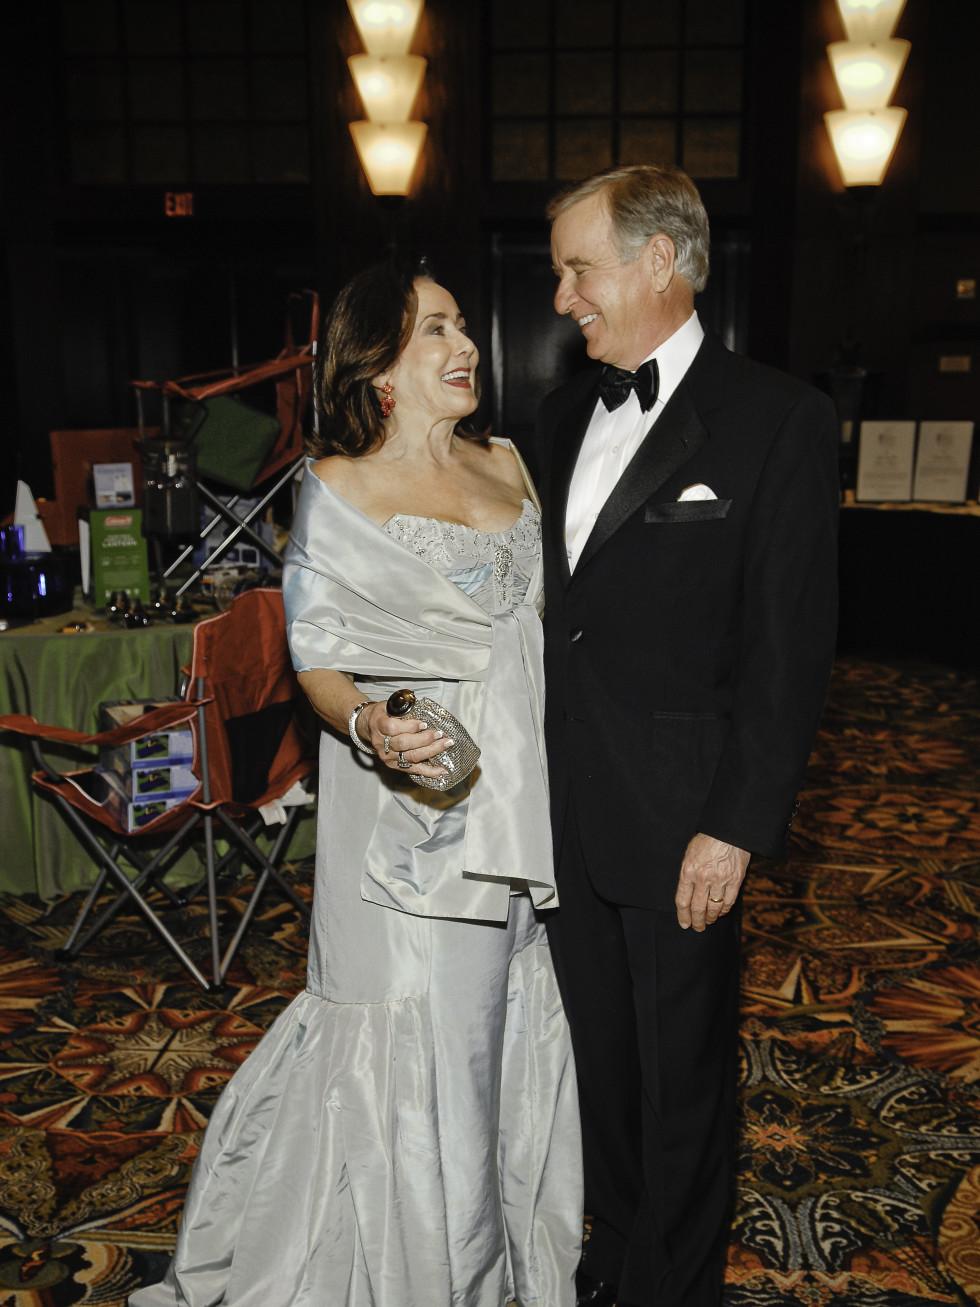 News_Symphony Ball_March 2010_ç